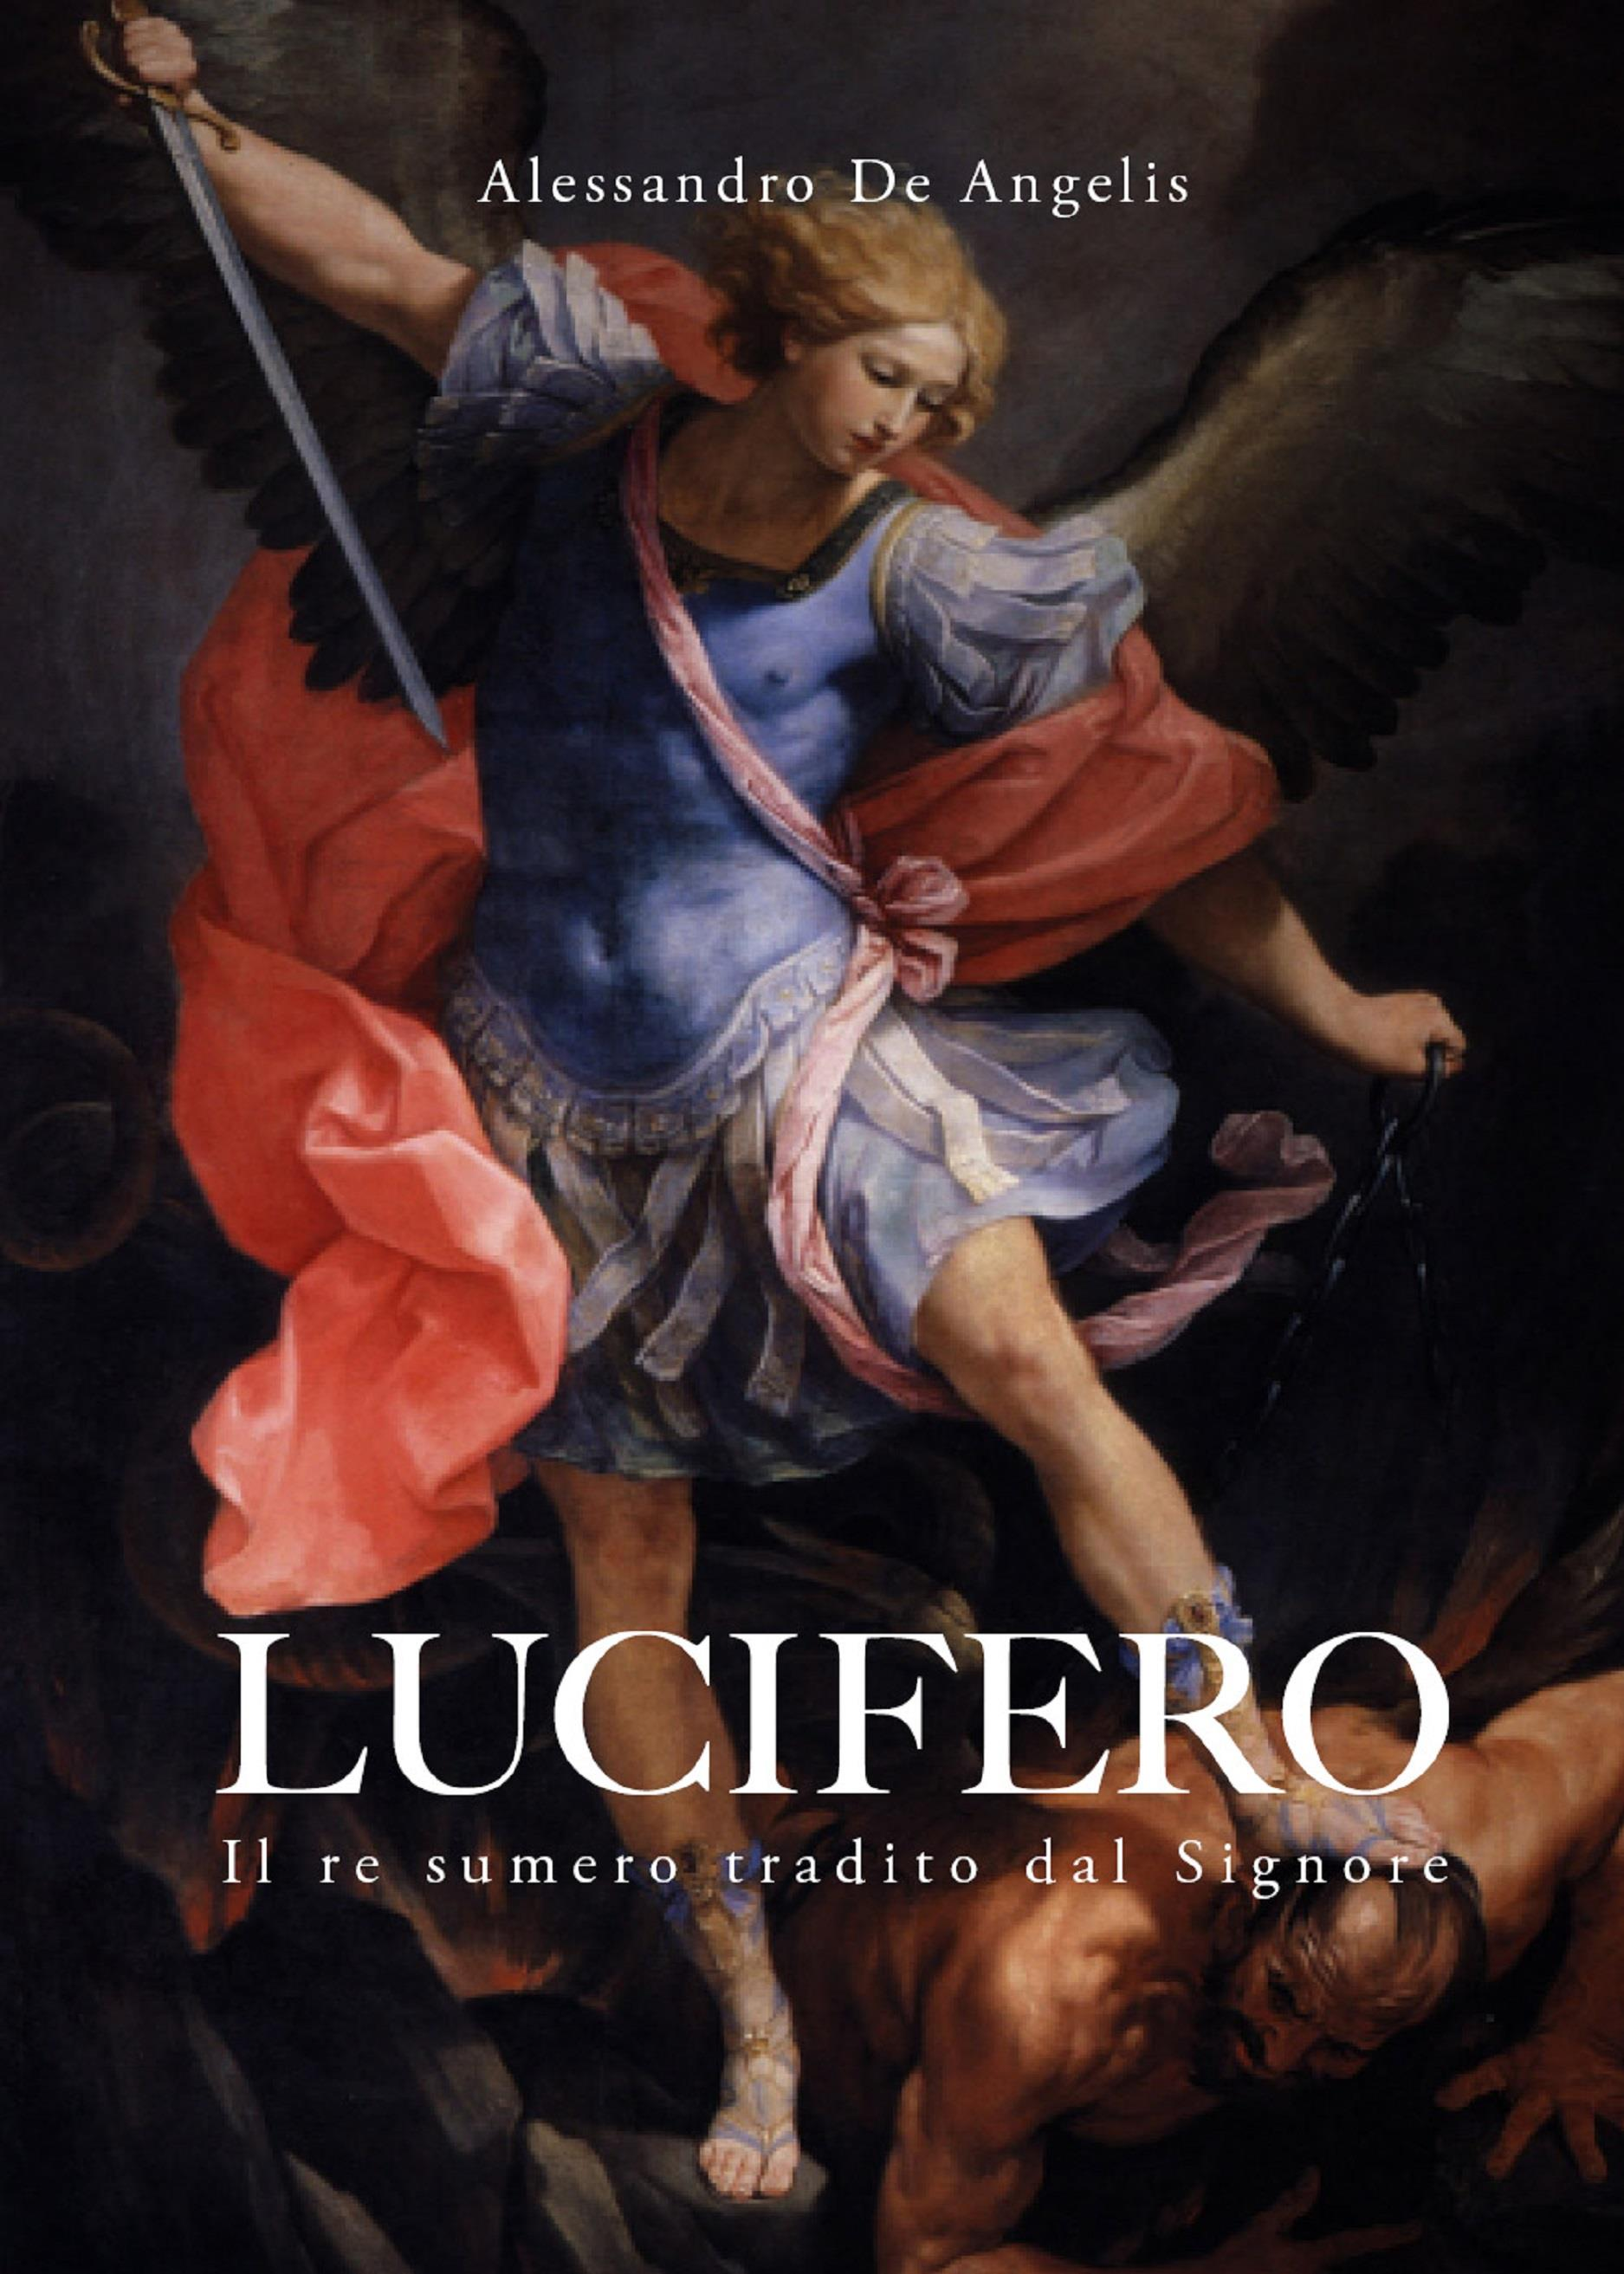 Lucifero, il re sumero tradito dal Signore